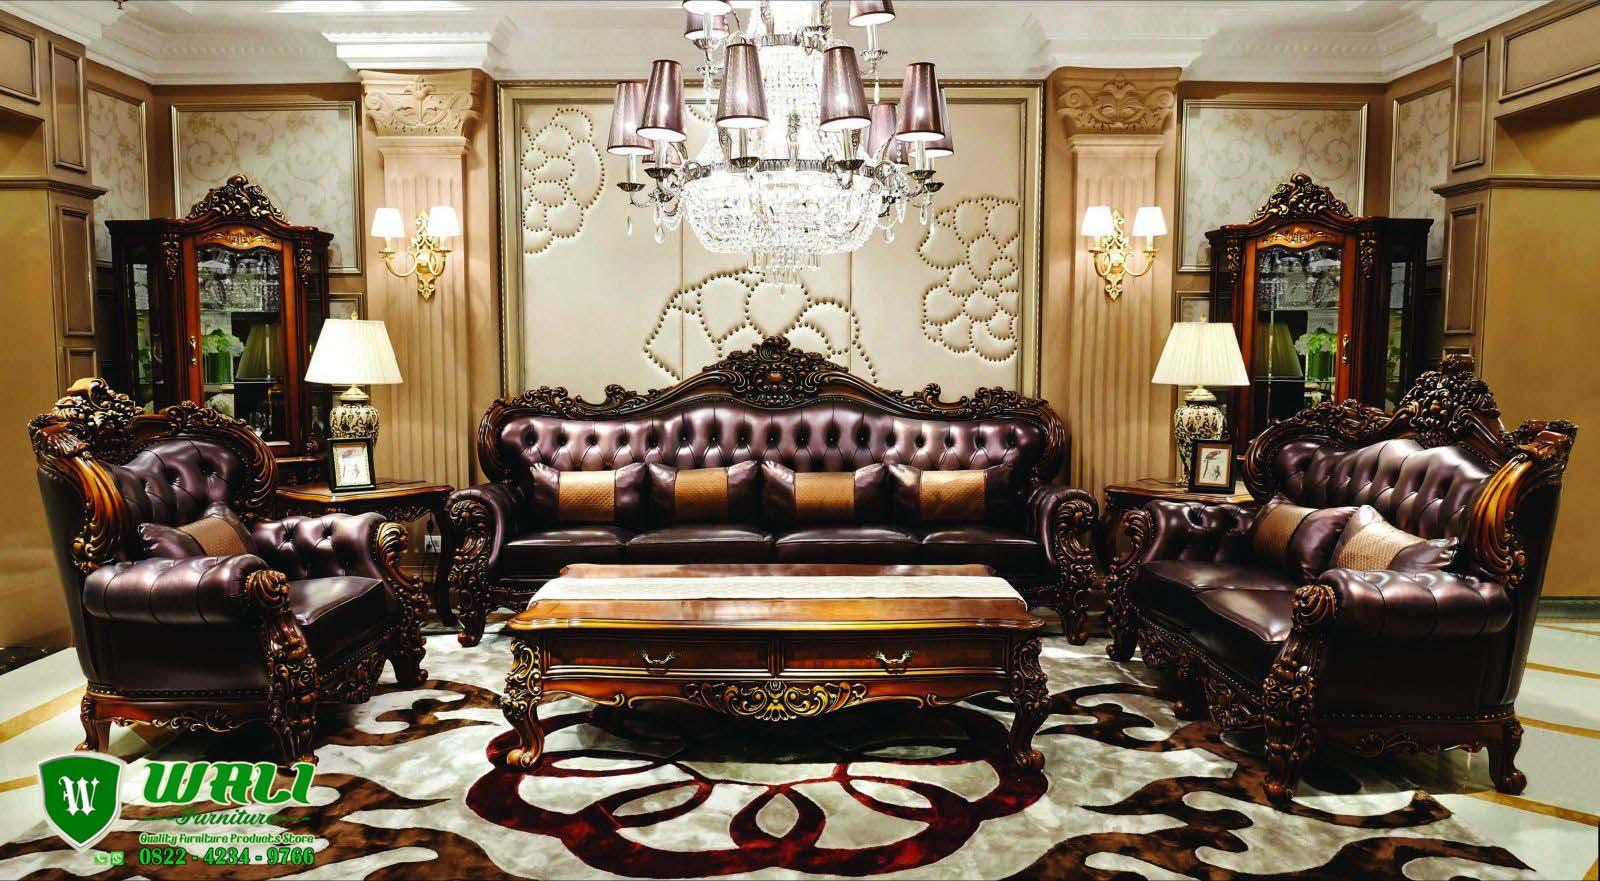 Kursi Tamu Sofa Jati Mewah Ukir Jepara Warna Coklat Wali Furniture